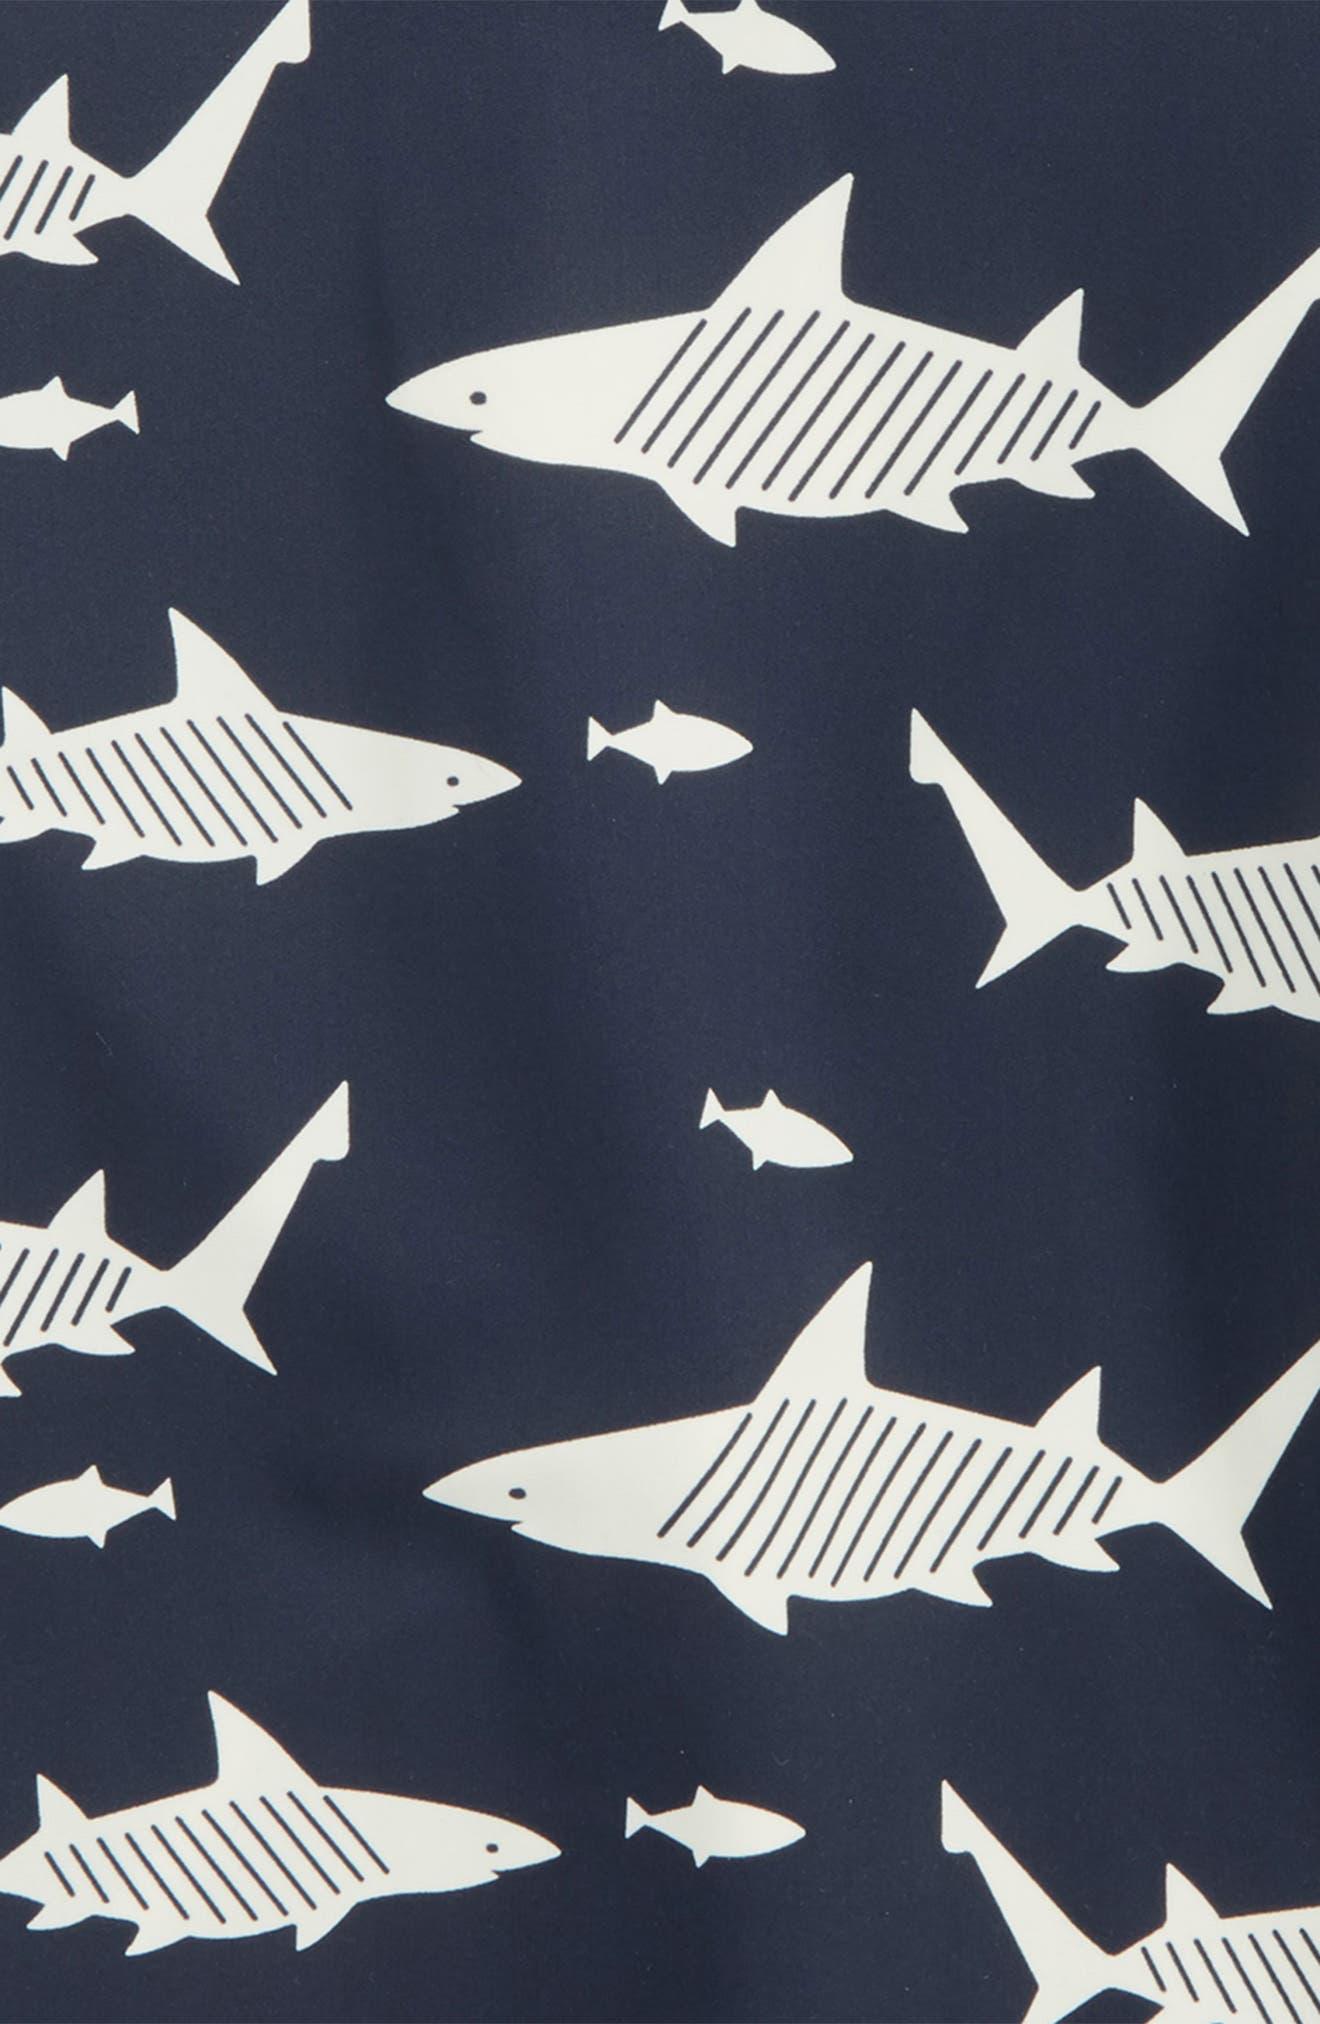 Shark Short Sleeve Rashguard,                             Alternate thumbnail 2, color,                             411